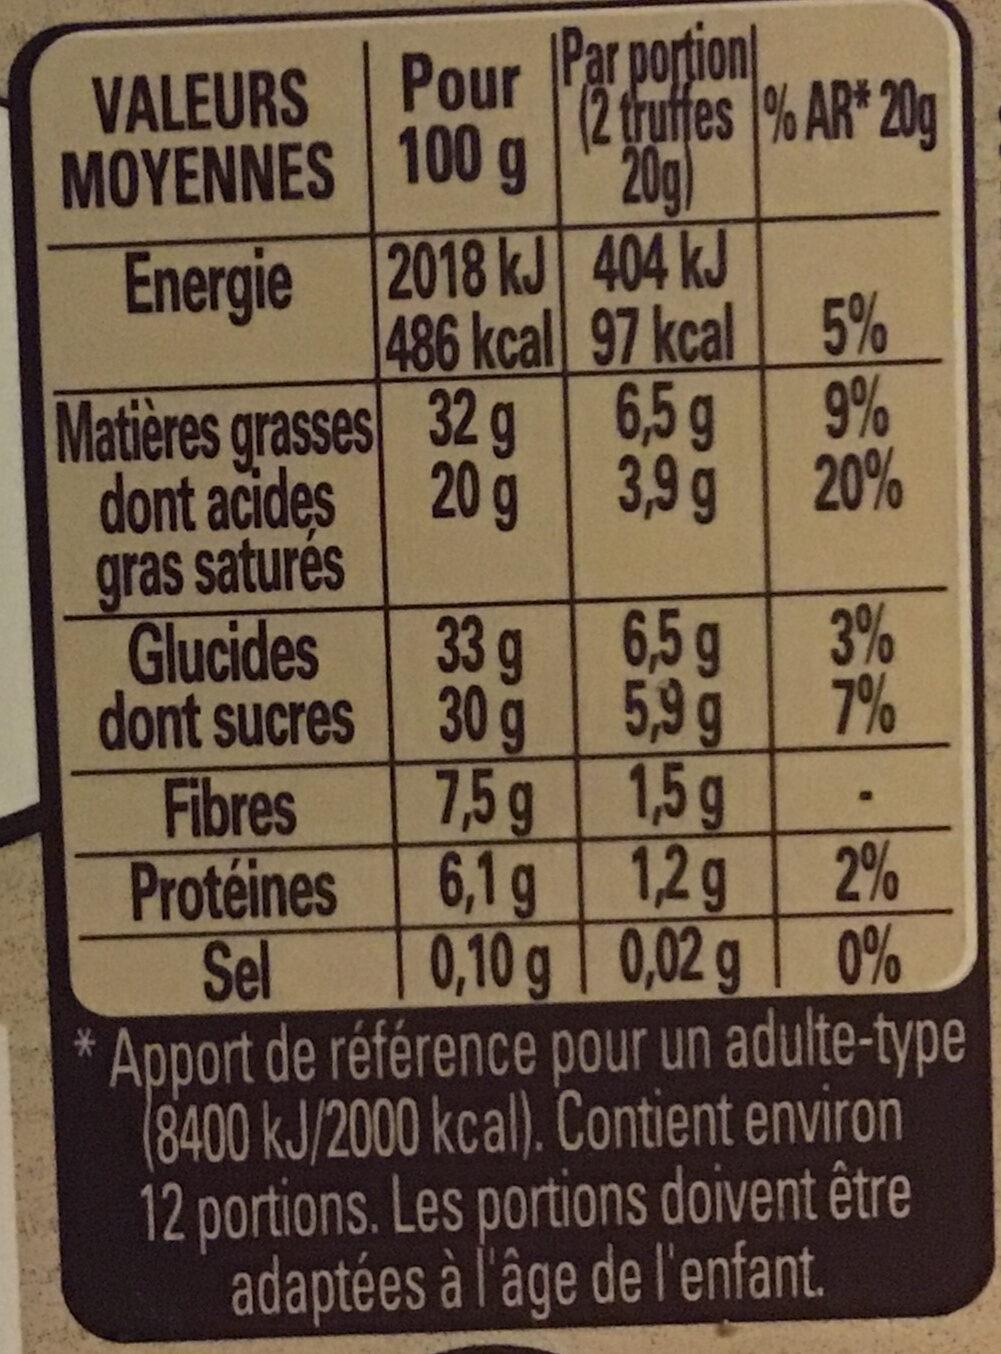 Truffes noir à 70% - Informations nutritionnelles - fr